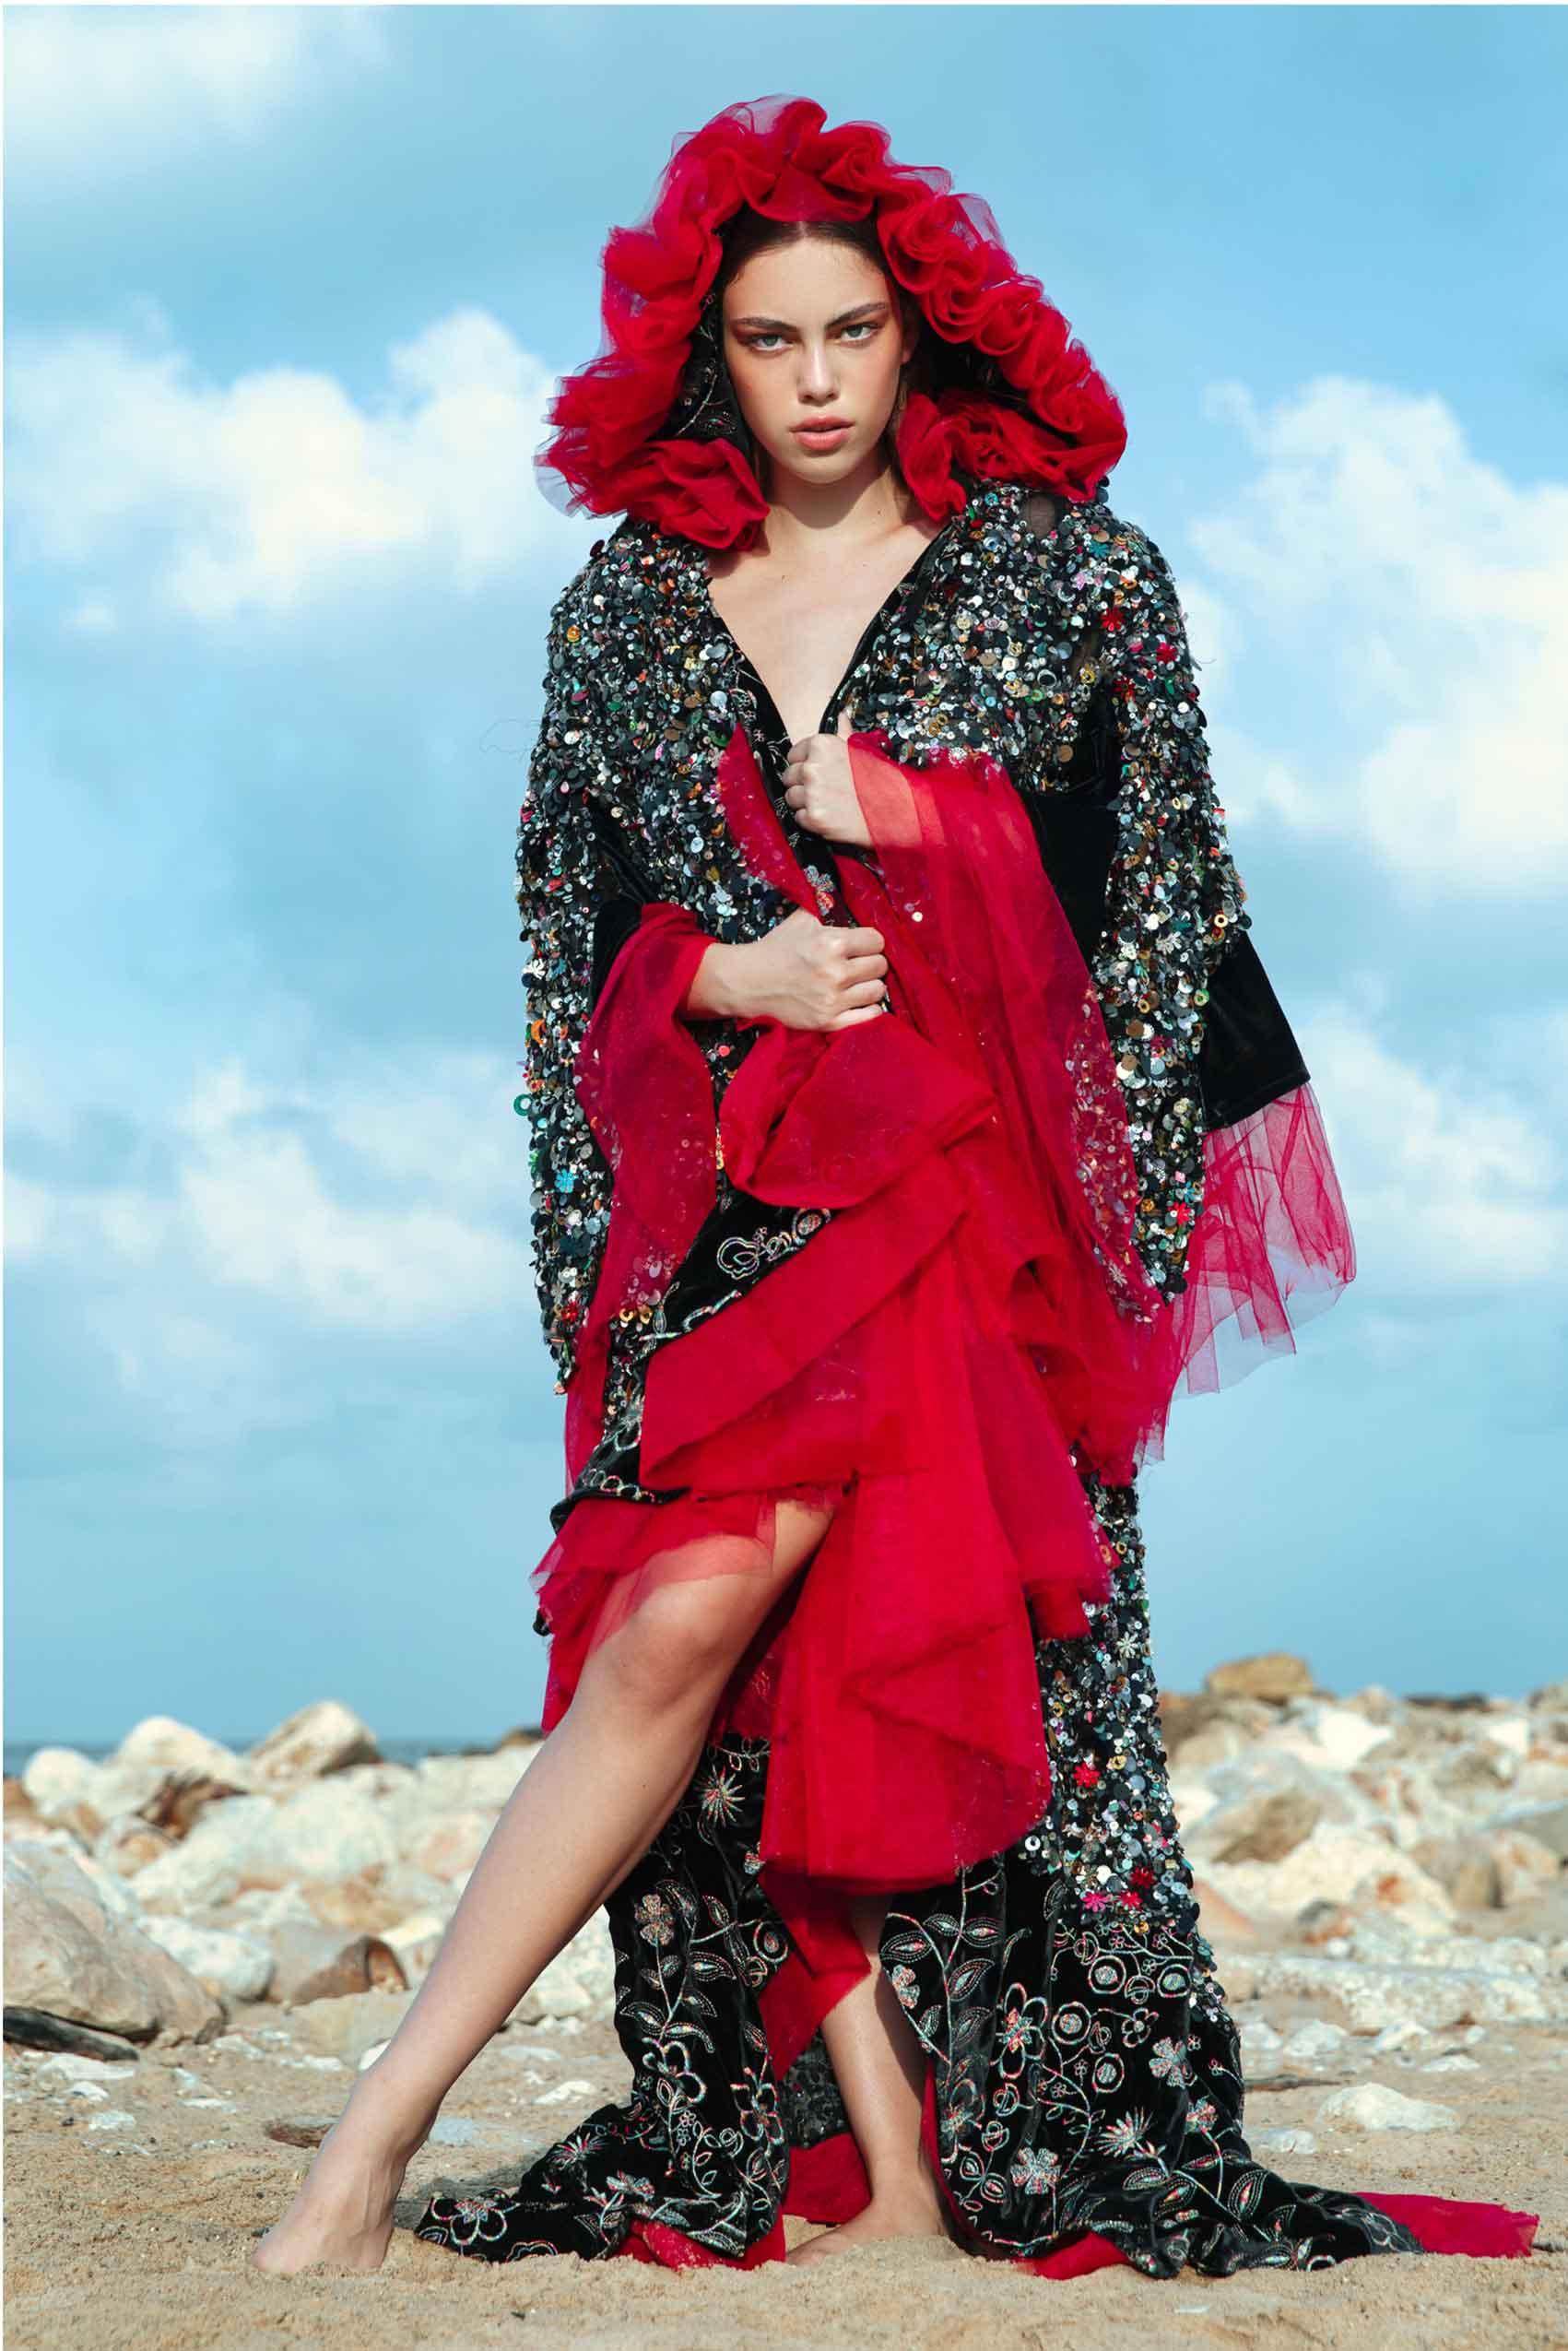 כוח-נשי-הפקות-אופנה- שמלה ועליונית: אליזבת בראון